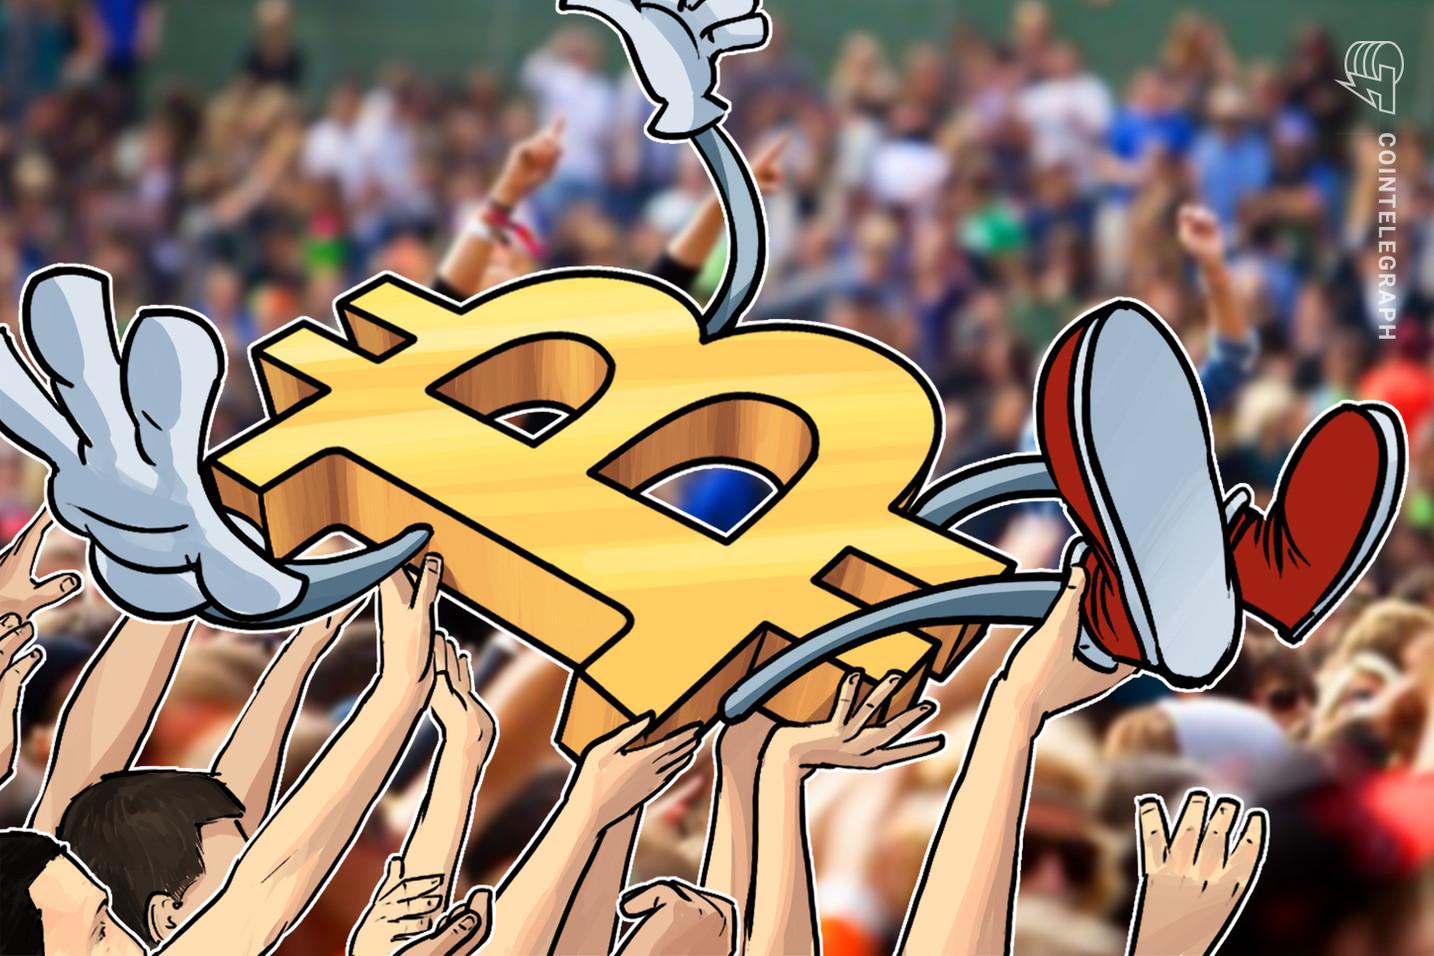 La cifra del sentimiento de Bitcoin después del halving se eleva a la más alta desde 2017